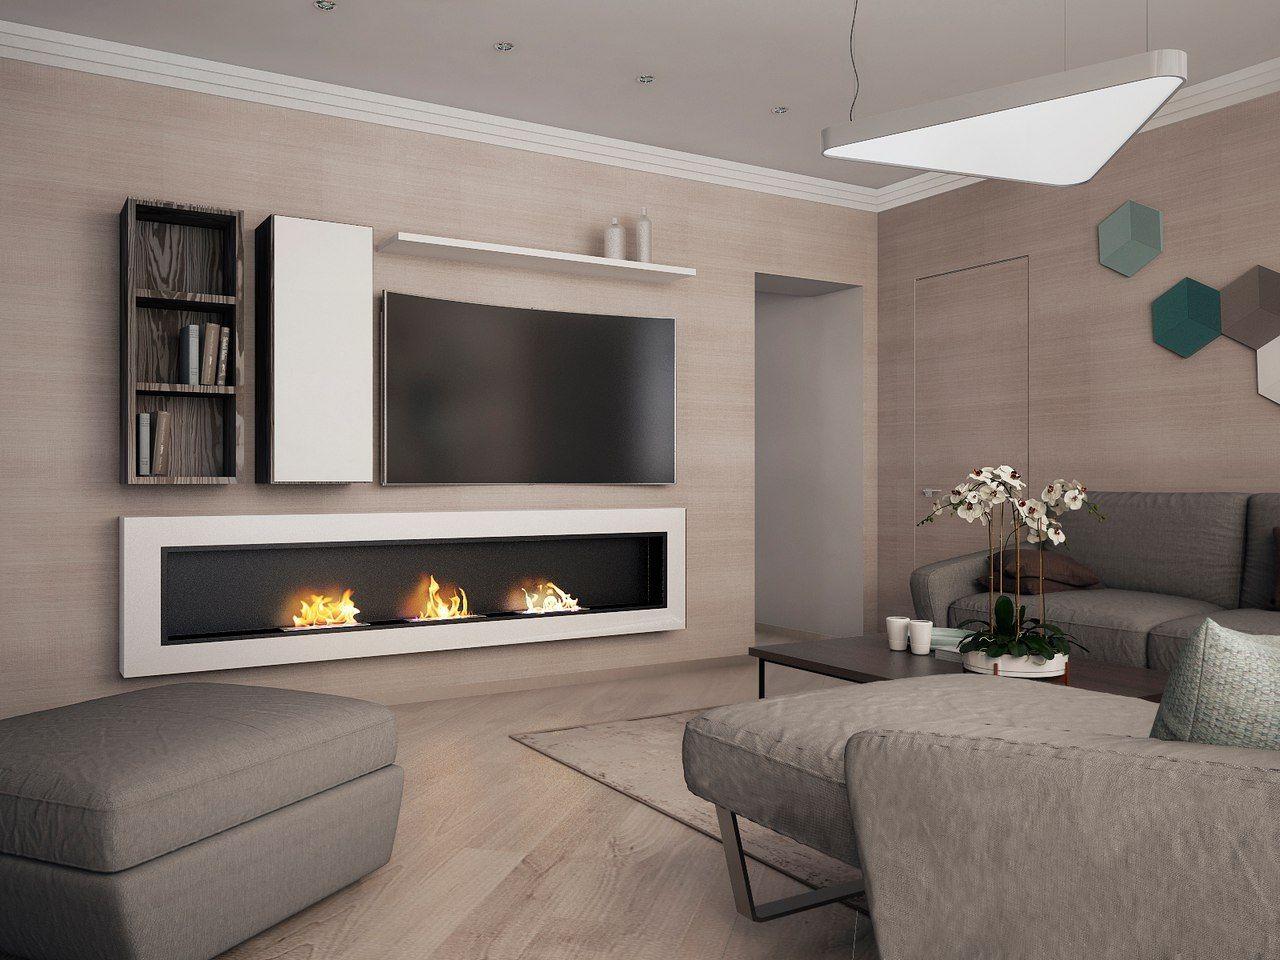 Дизайн-проект:обновление интерьера